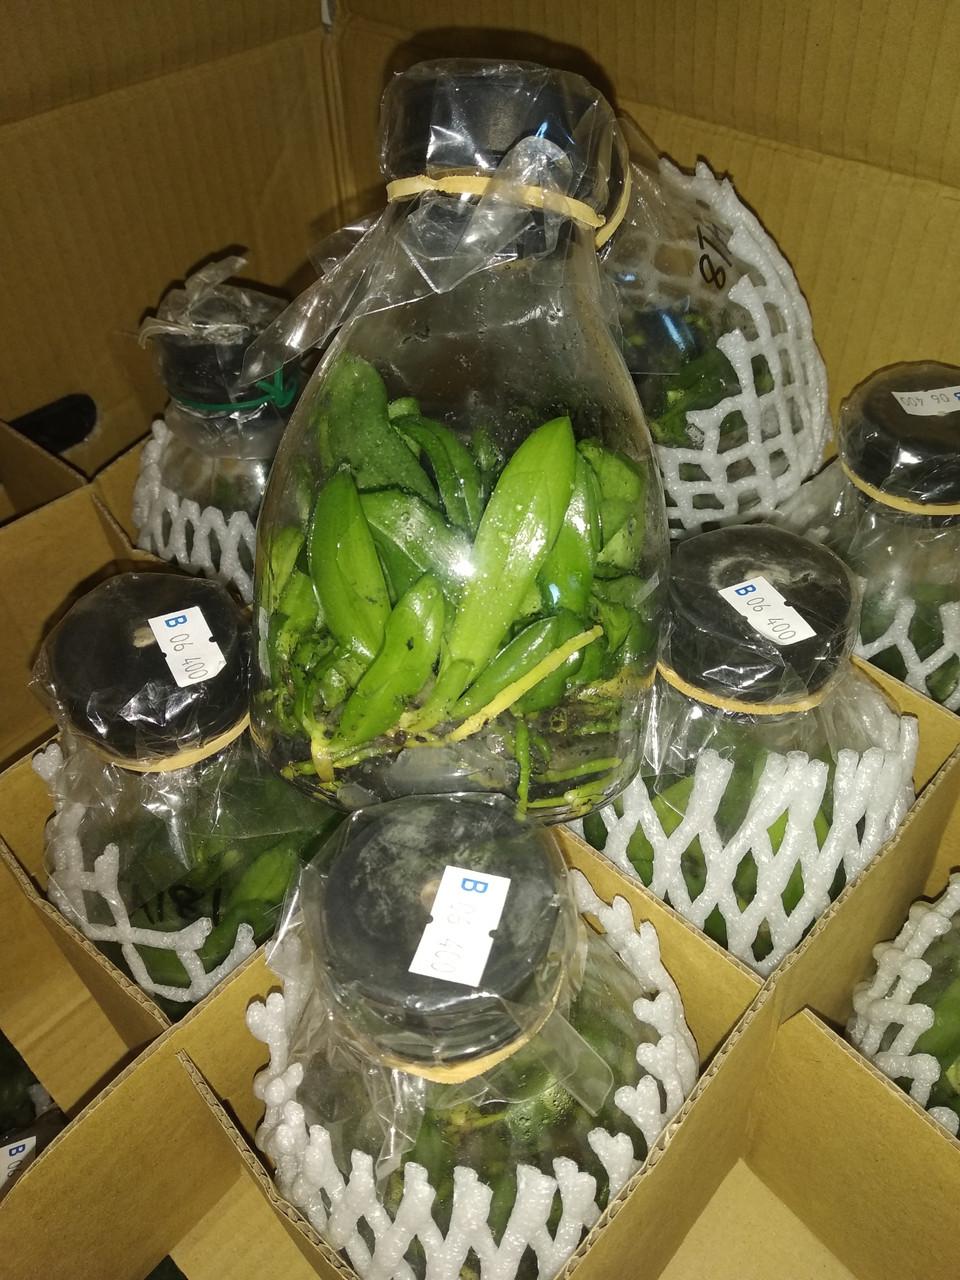 УЦЕНКА! Фласка орхидей (около 15 сеянцев), сорт сюрприз